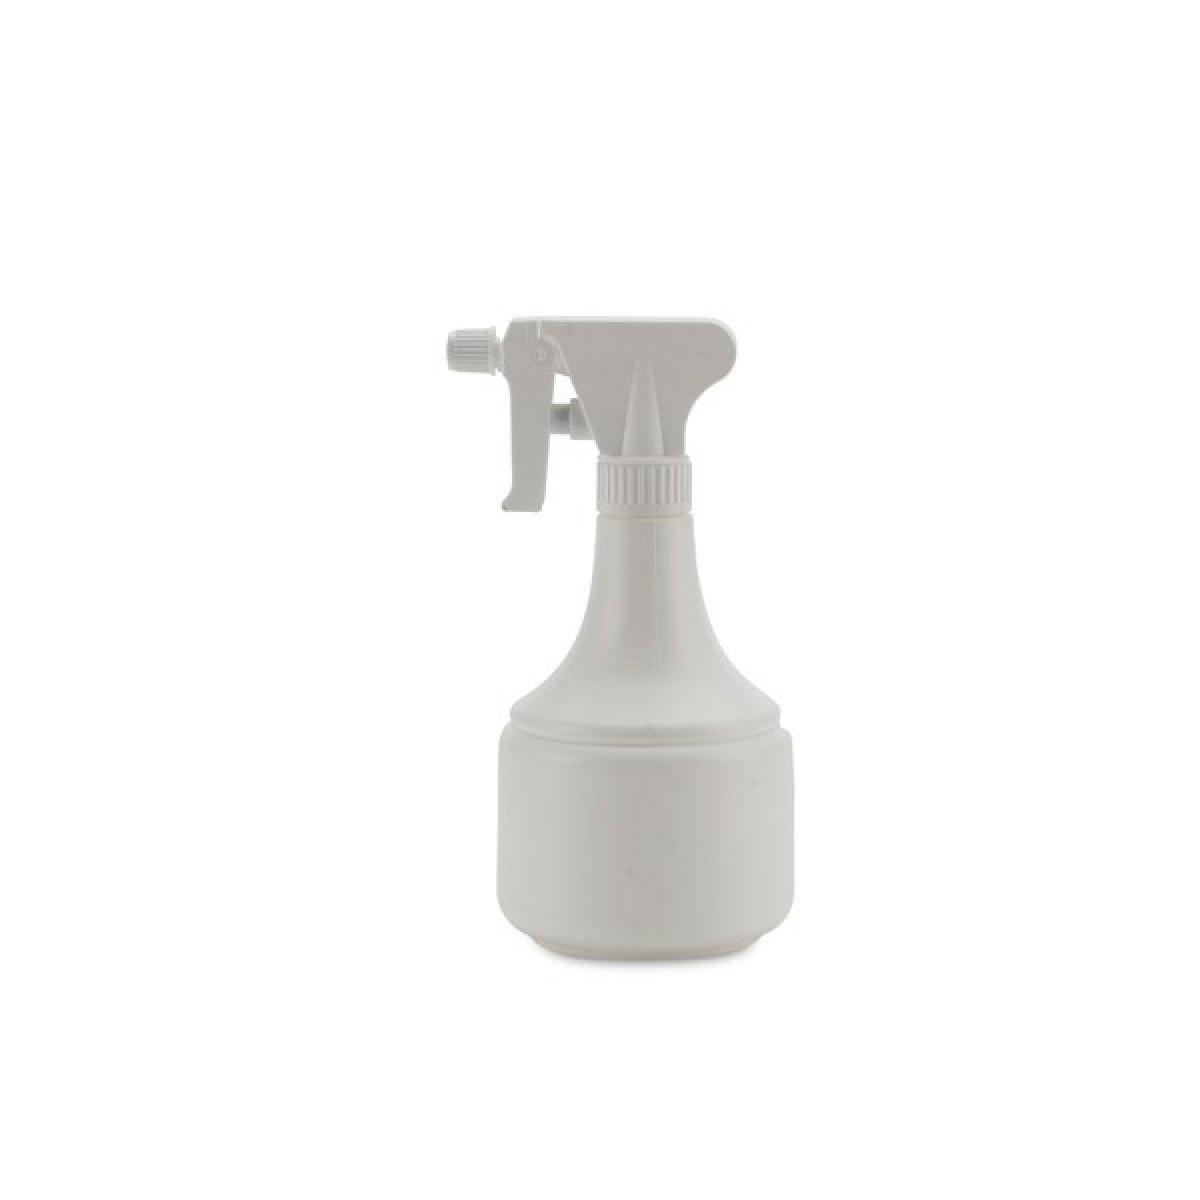 Blomsterspray/Forstøver Hvid – 0,5 ltr.